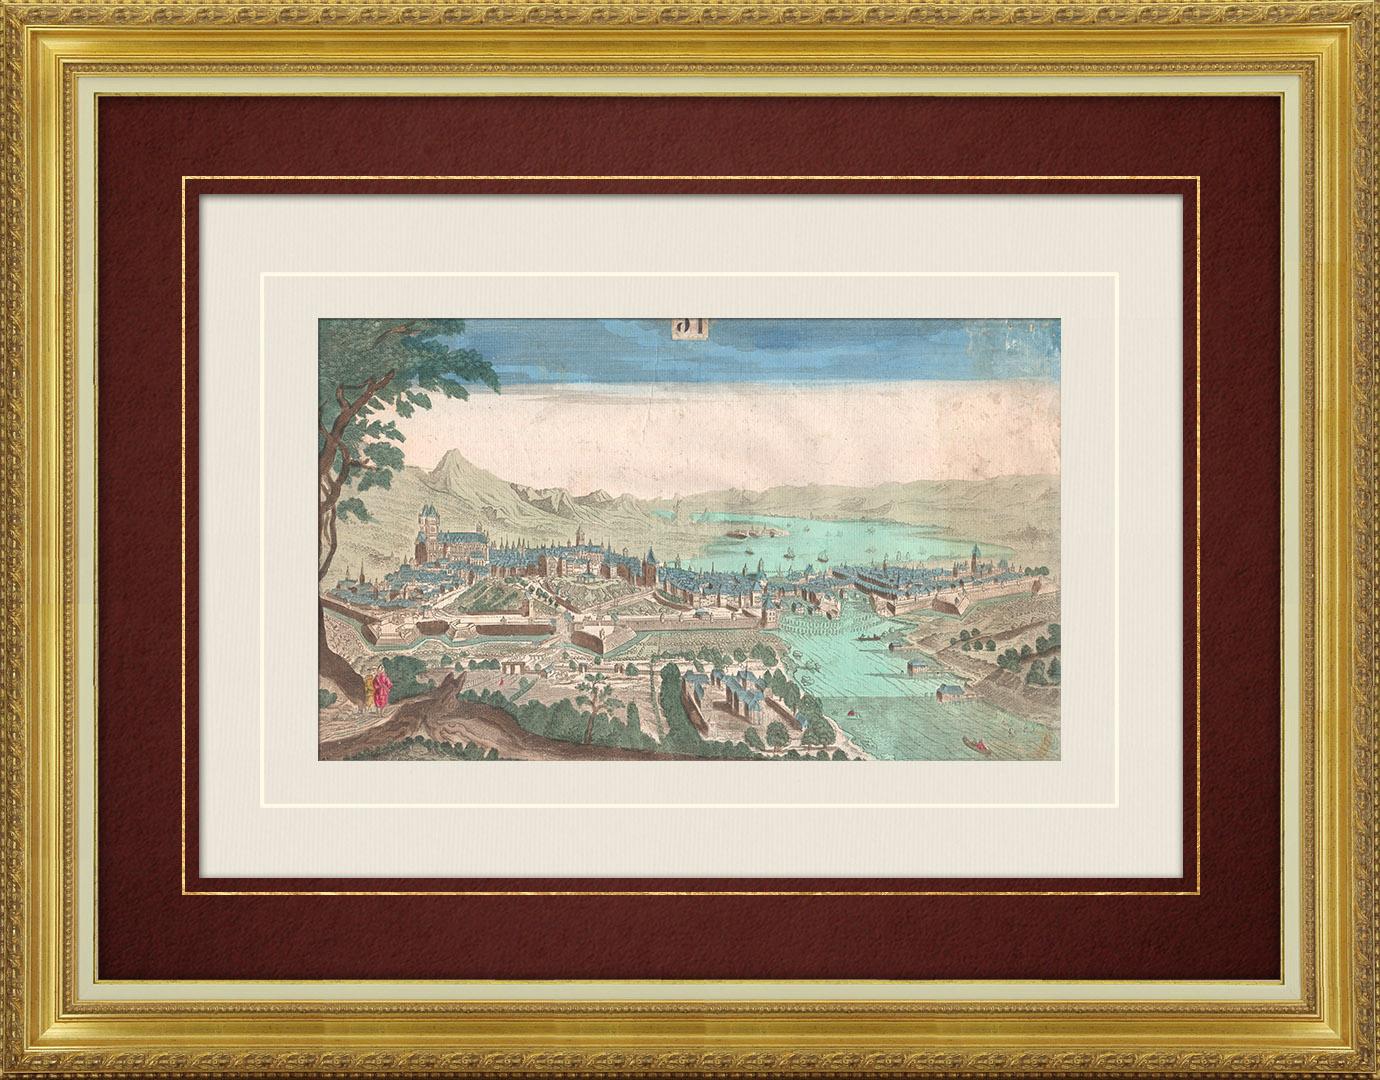 Veduta ottica del 18 secolo a colori d'epoca di Ginevra, sul Lago (Svizzera)